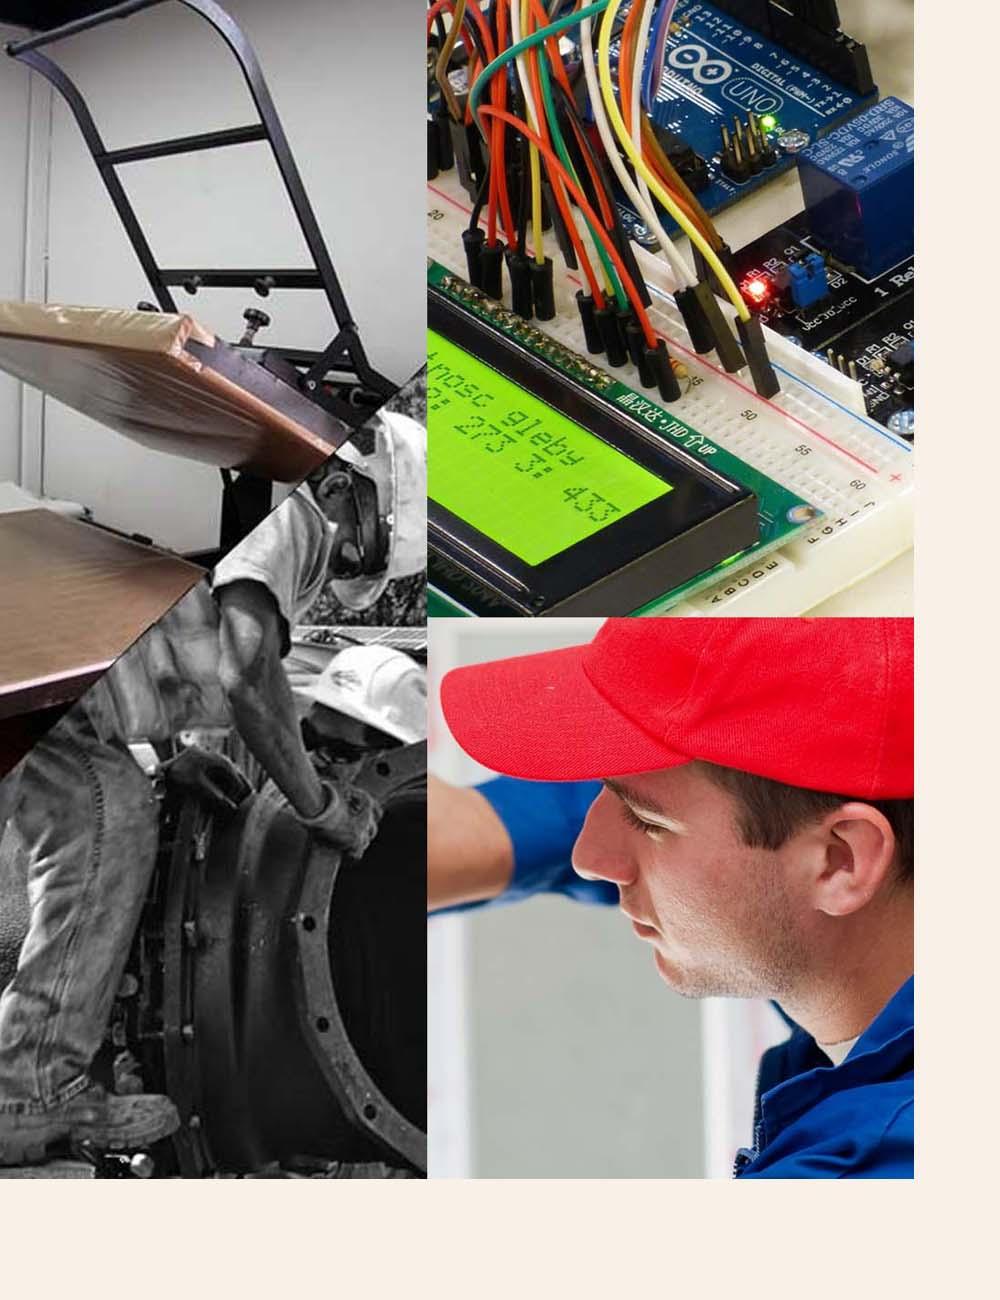 Imagen sobre servicios industriales prestados en Com in-genio Agencia industrial